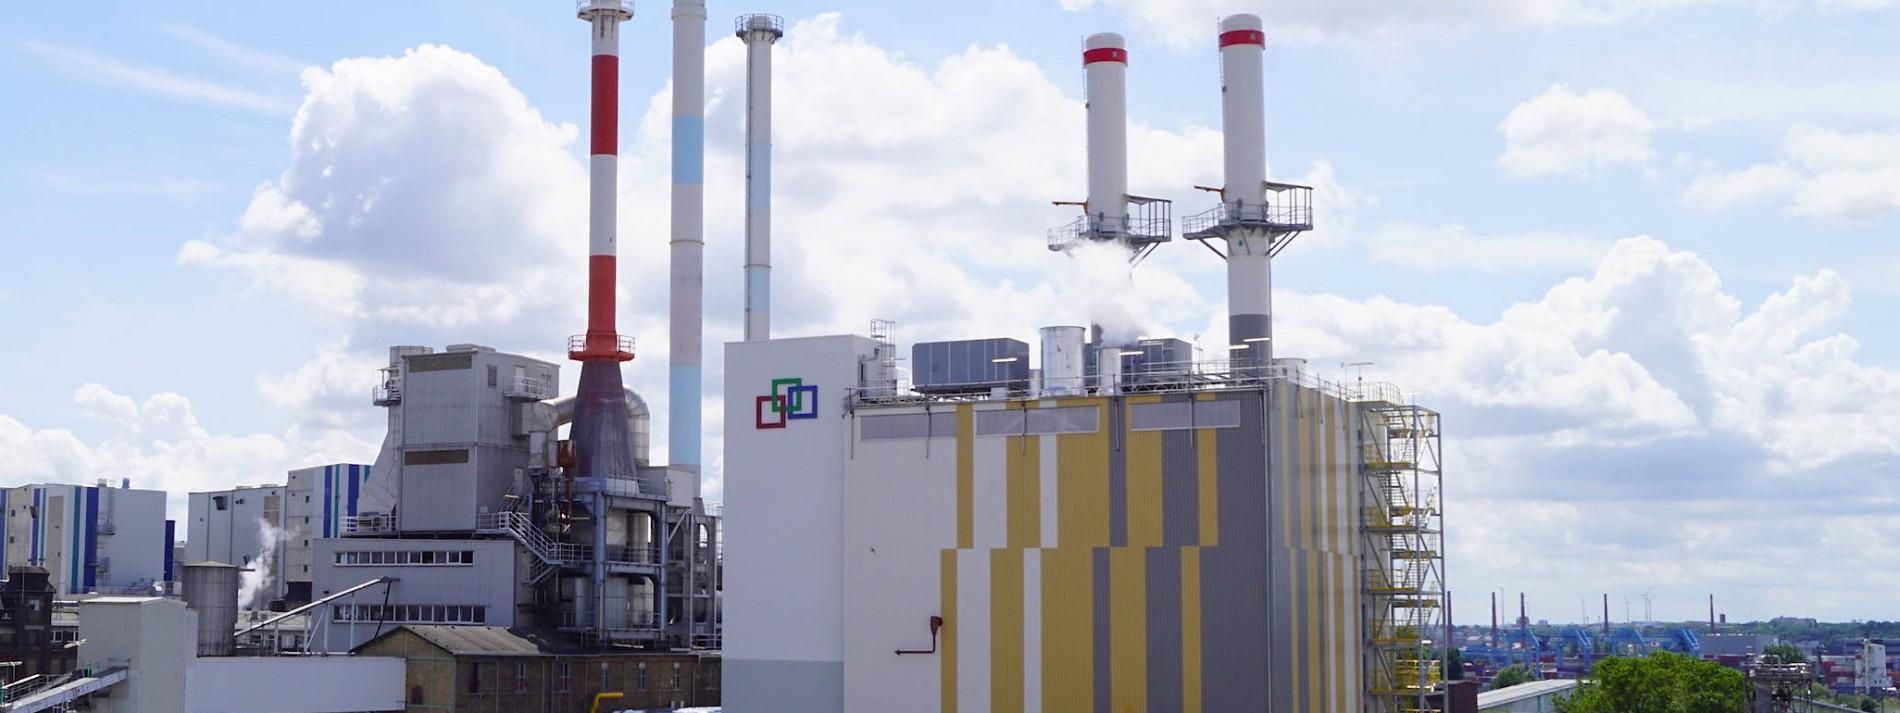 Industriepark bei Strom und Dampf unabhängig